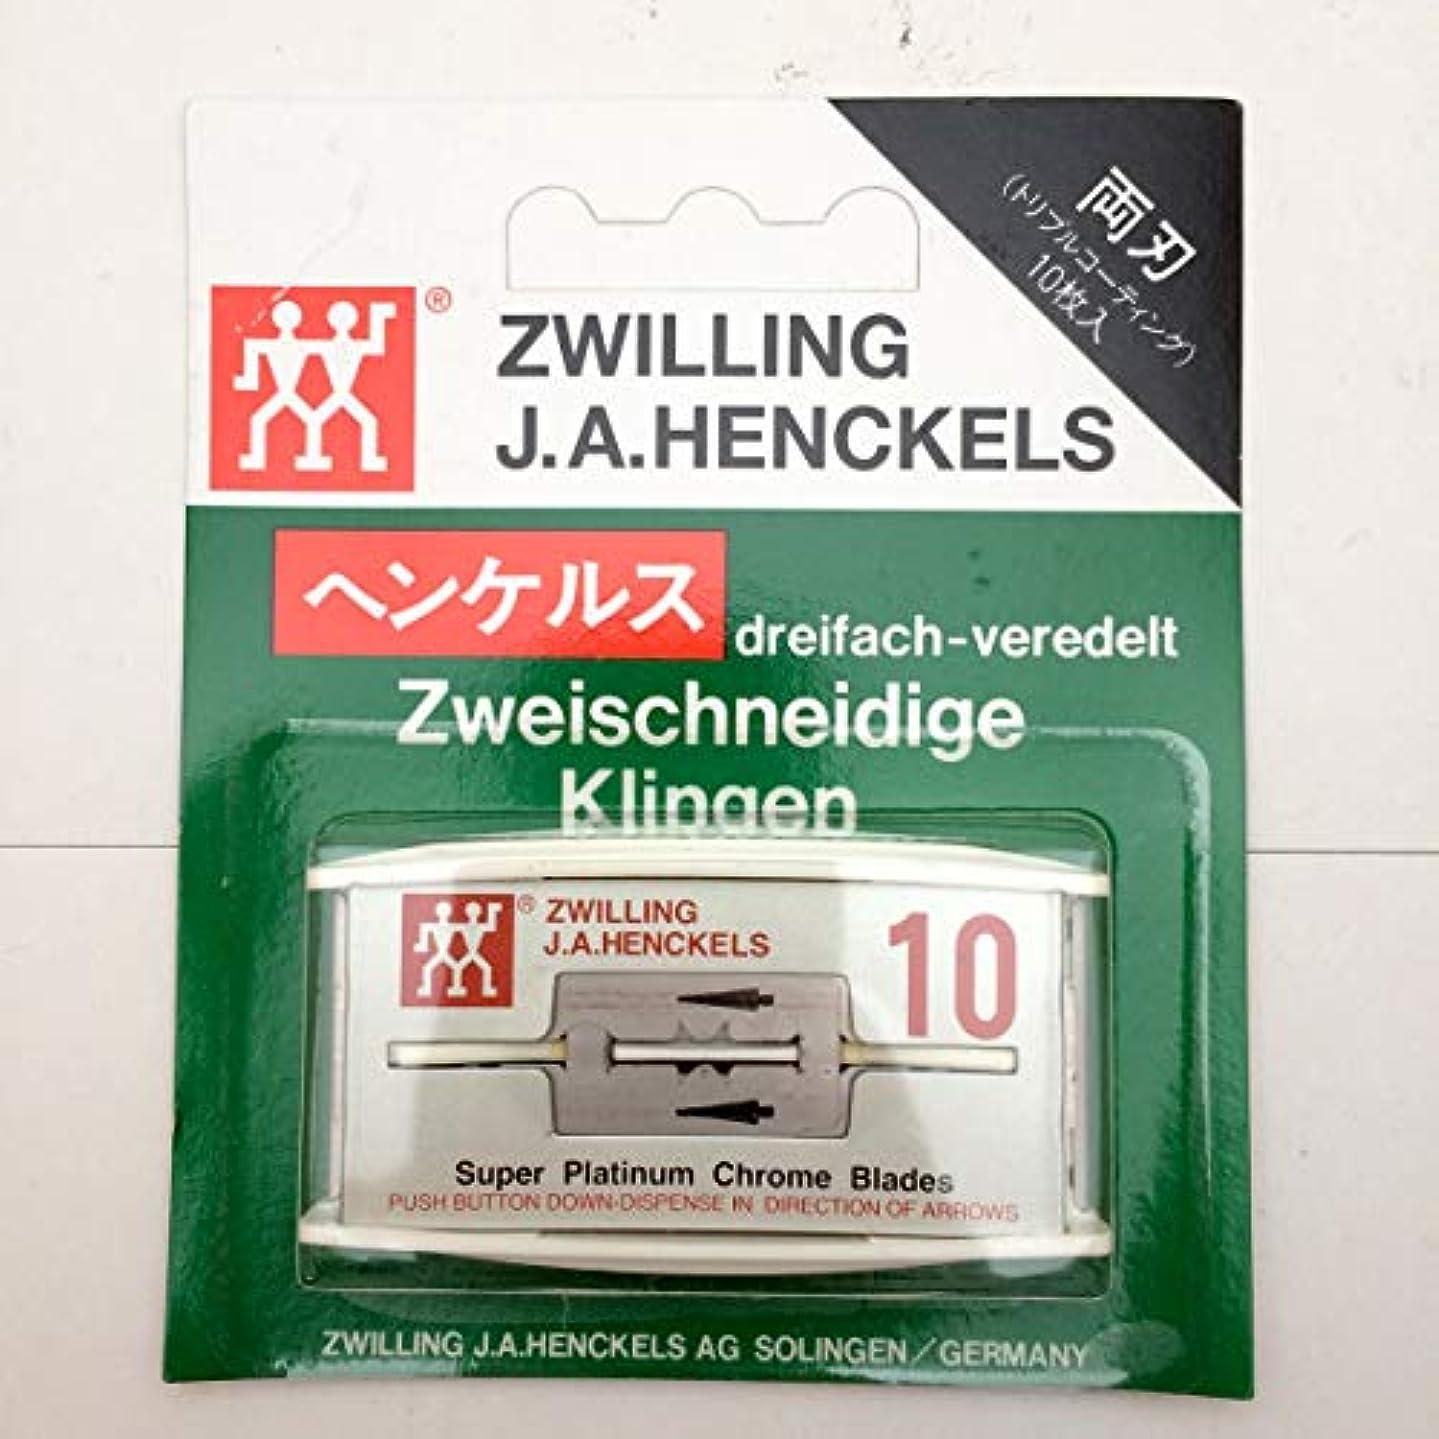 支援する占める罹患率【ヴィンテージ品?数量限定】ツヴィリング J.A. ヘンケルス 両刃 カミソリ 剃刀 替刃 3層コート 10枚入 未開封新品 Vintage 10 Zwilling J.A. Henckels double edge razor...